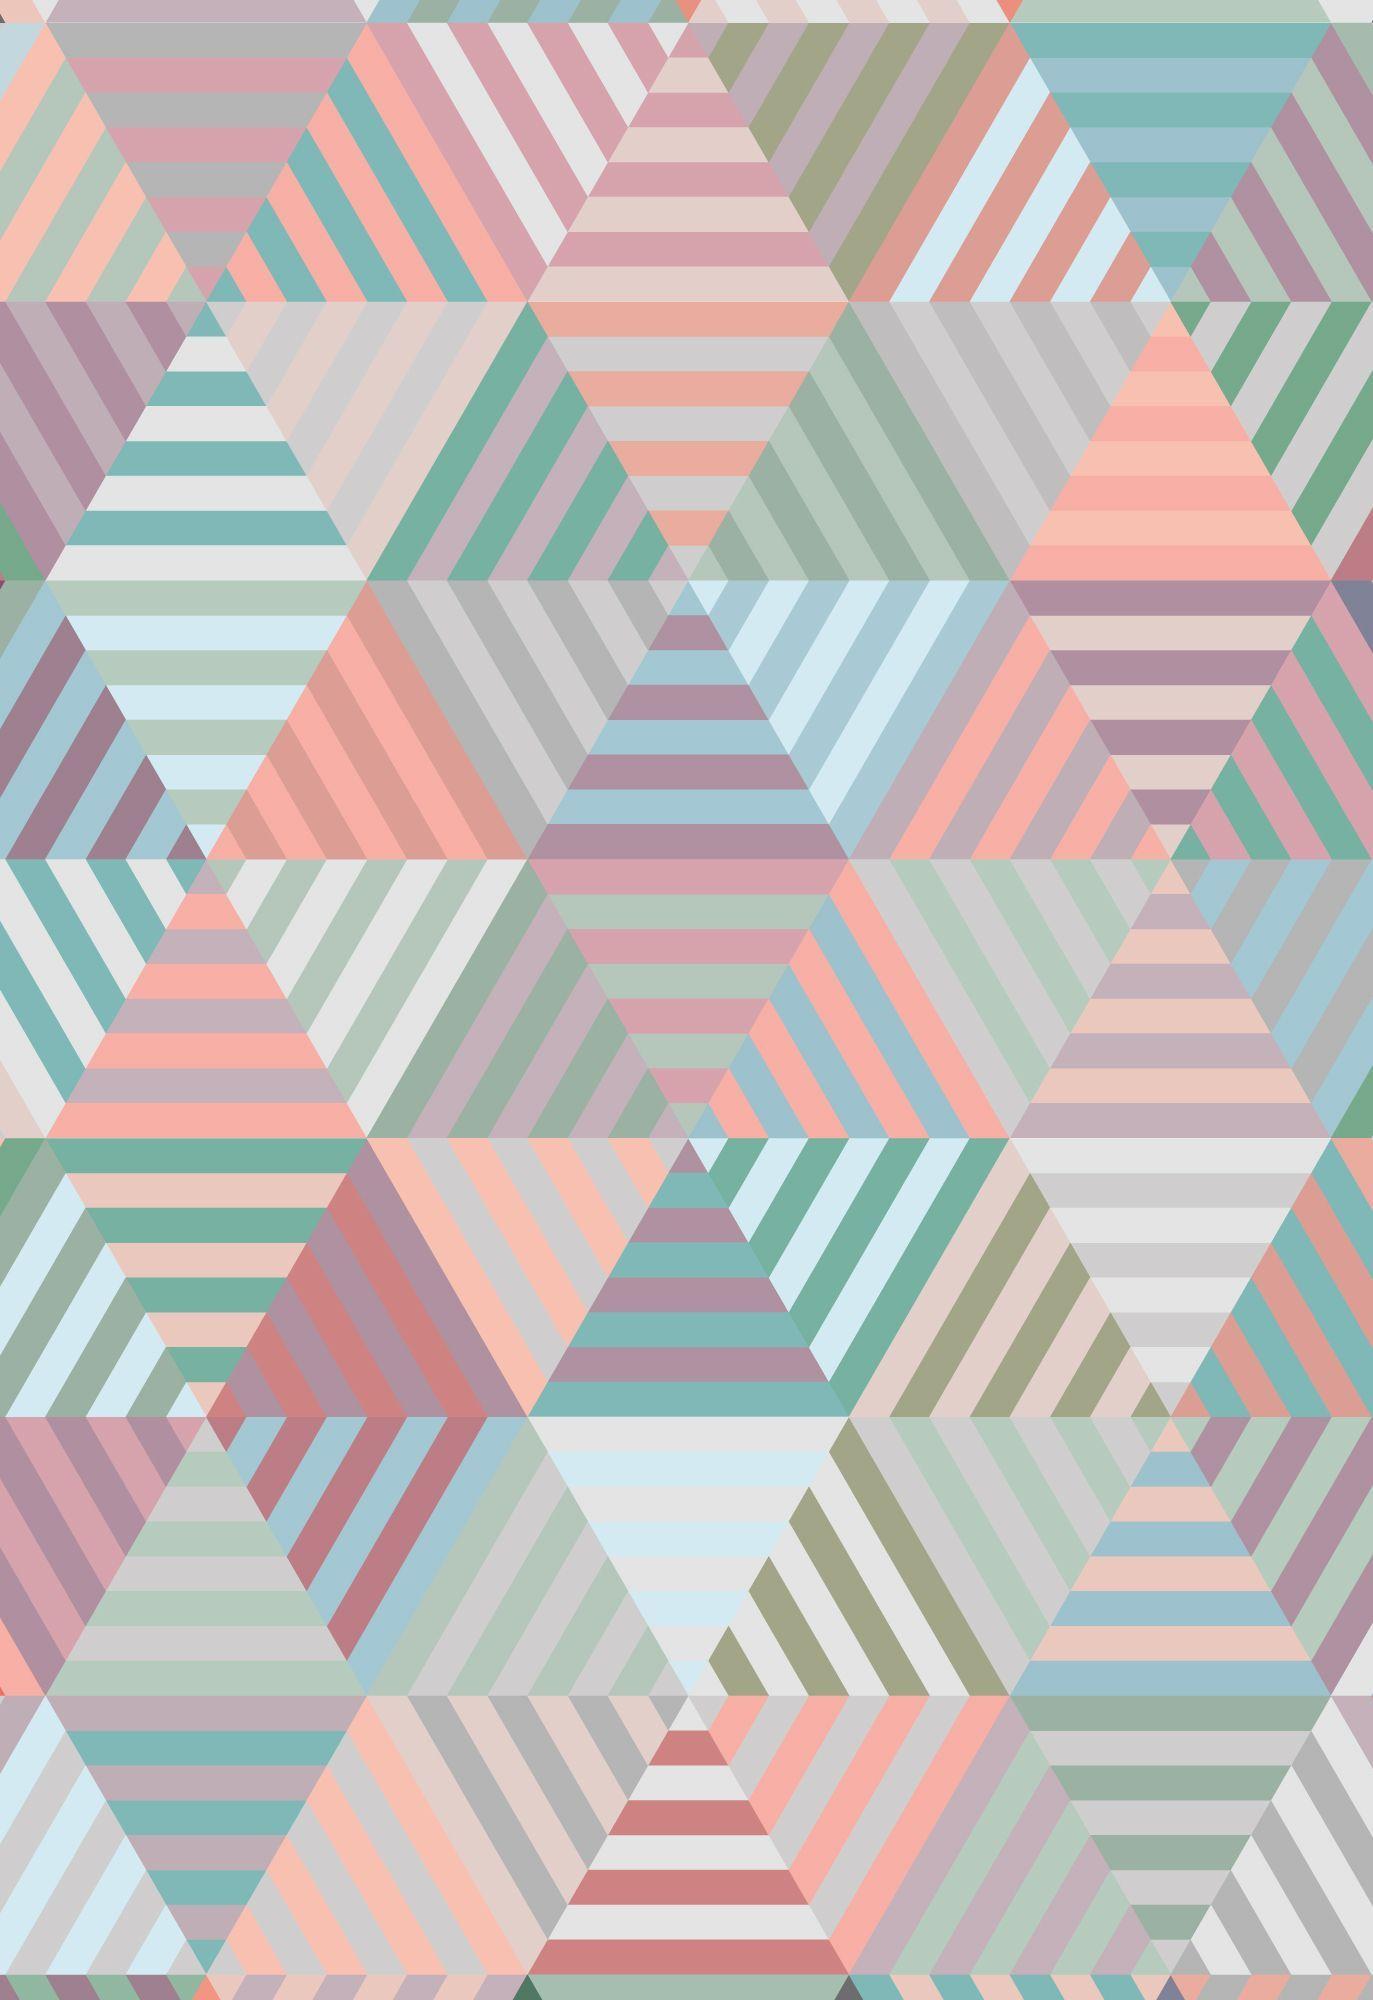 Disegni Geometrici Bianco E Nero risultati immagini per disegni geometrici bianco e nero (con